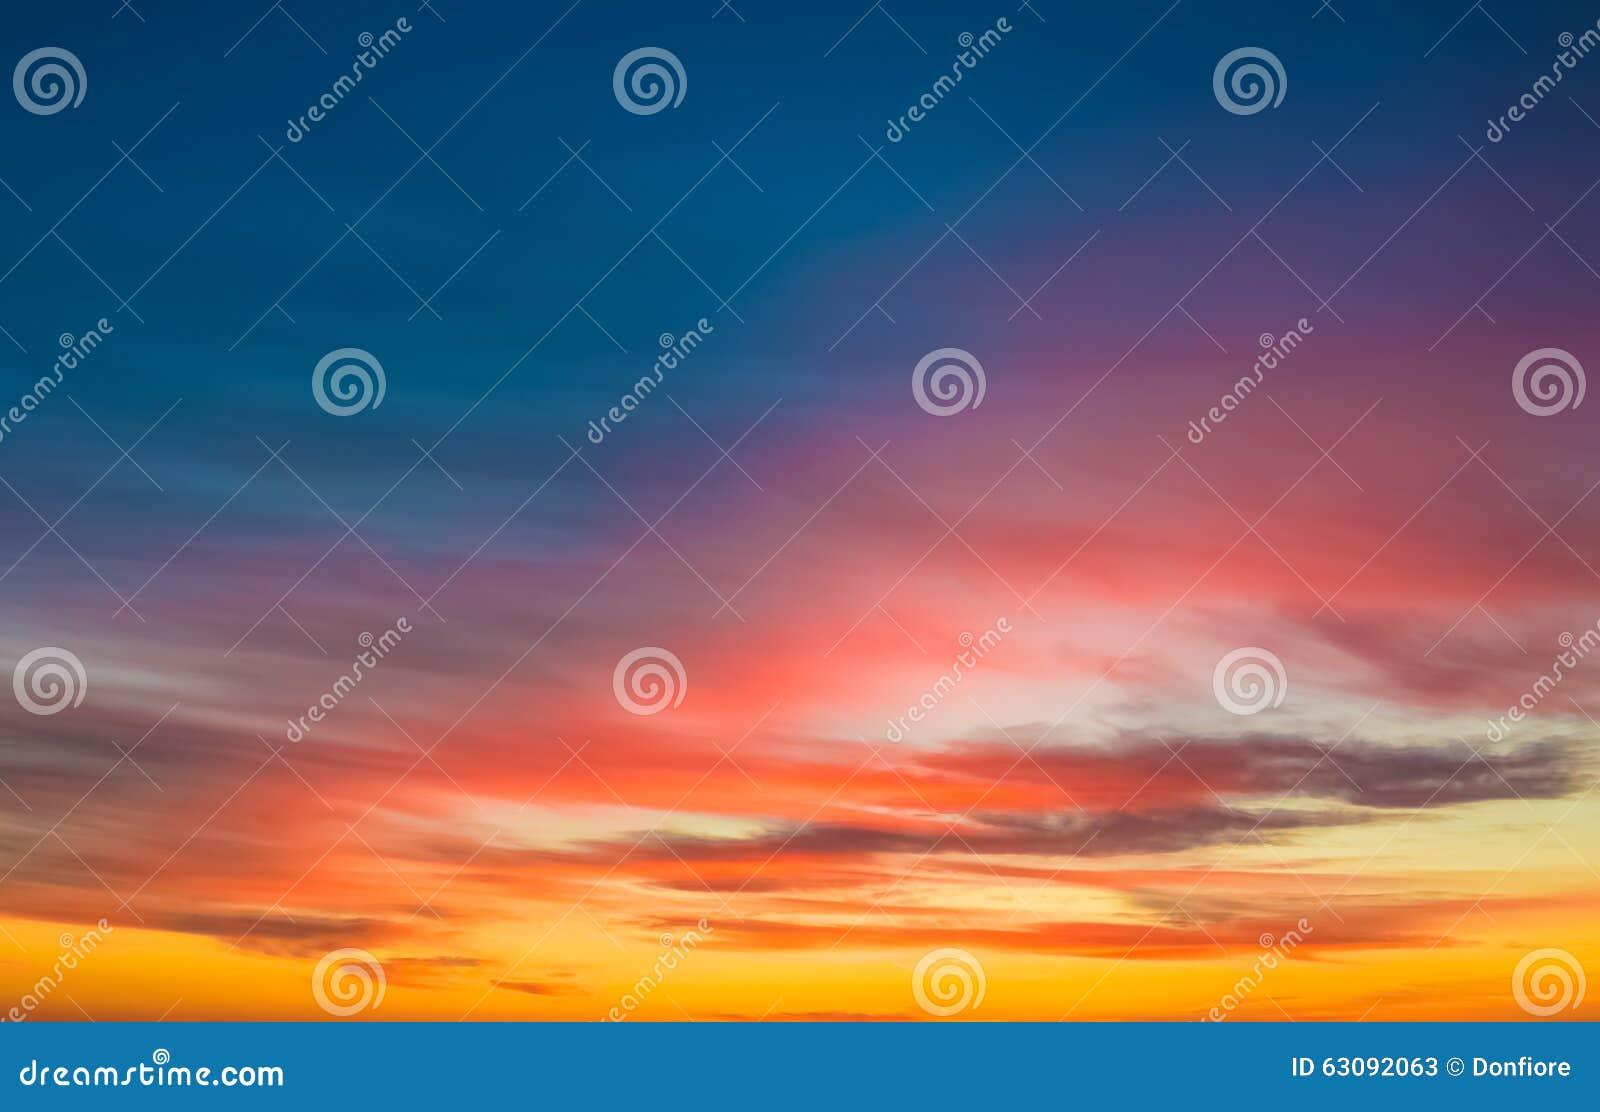 Download Fond De Scène De Coucher Du Soleil, Ciel Coloré Avec Les Nuages Mous Image stock - Image du scène, détendez: 63092063